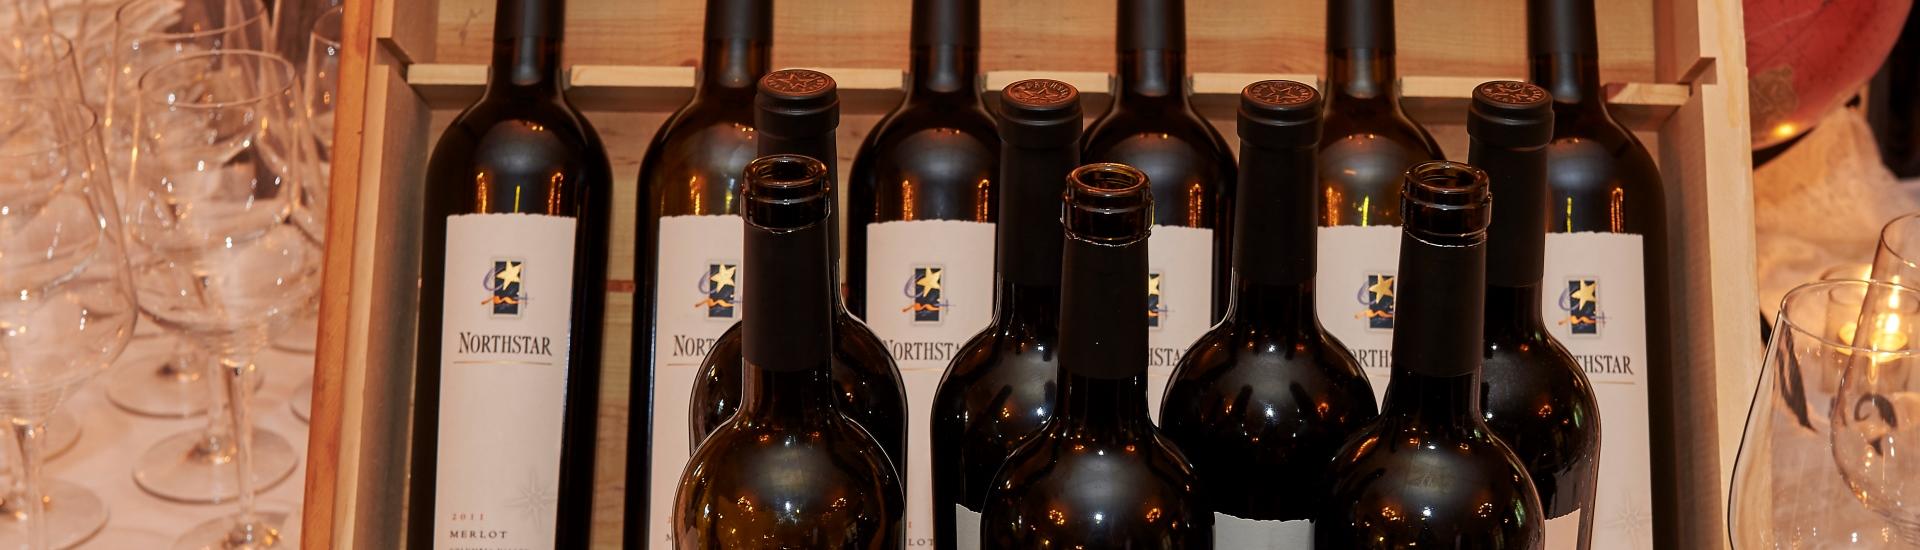 Wine Dinner wine bottles